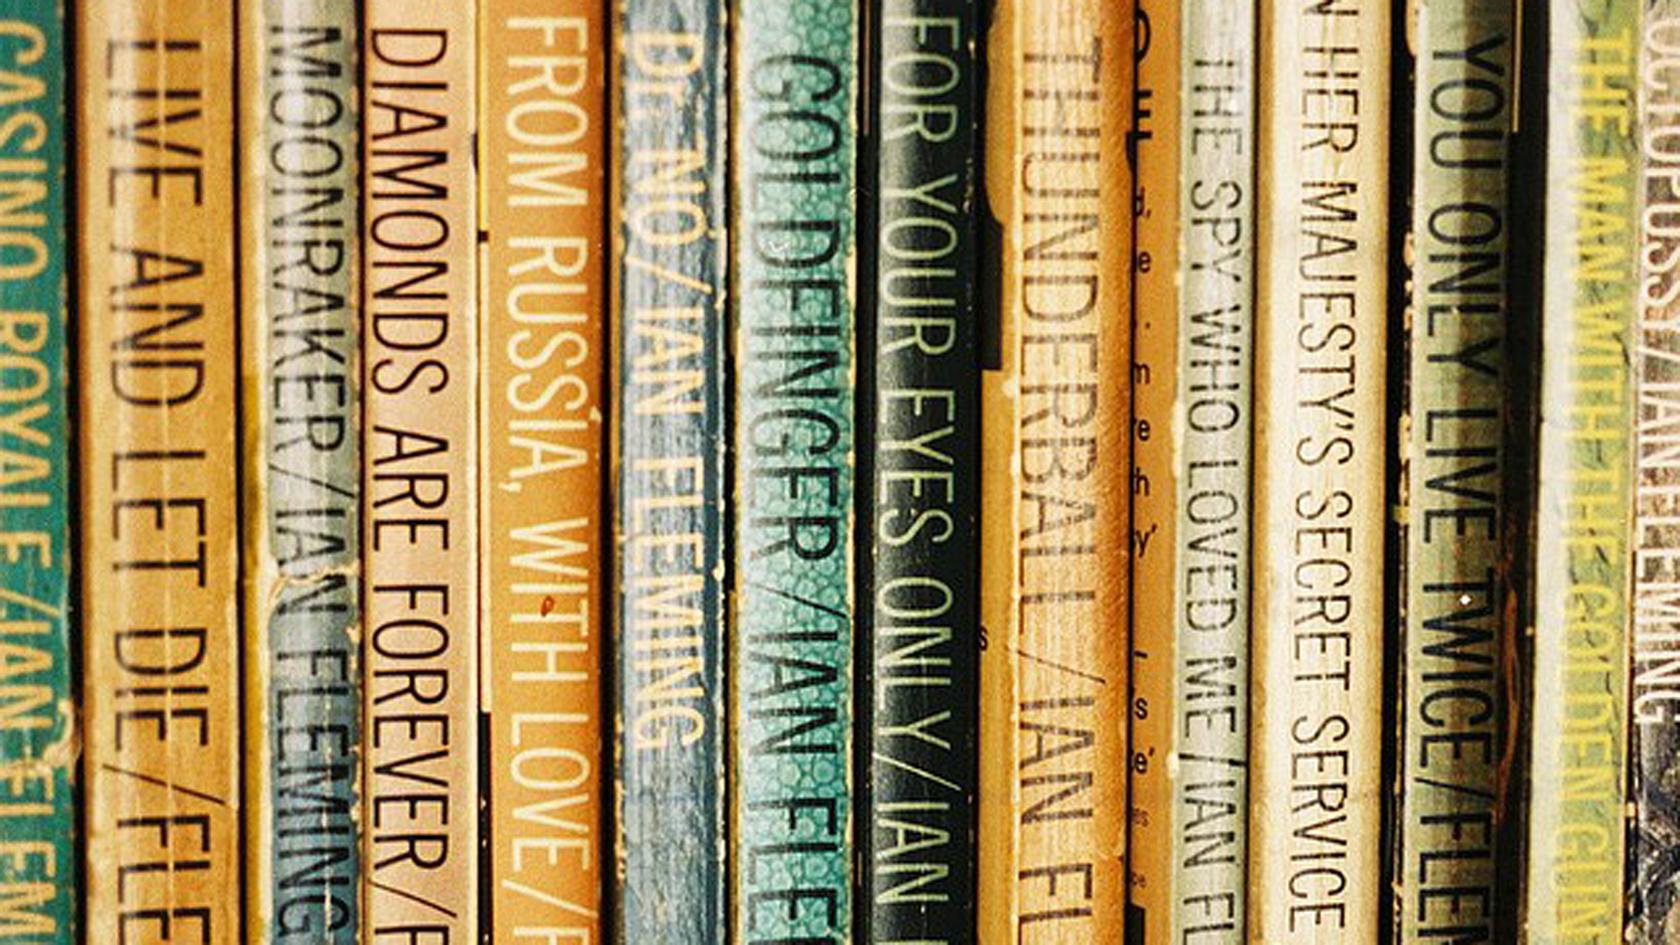 James Bond Order Of Books